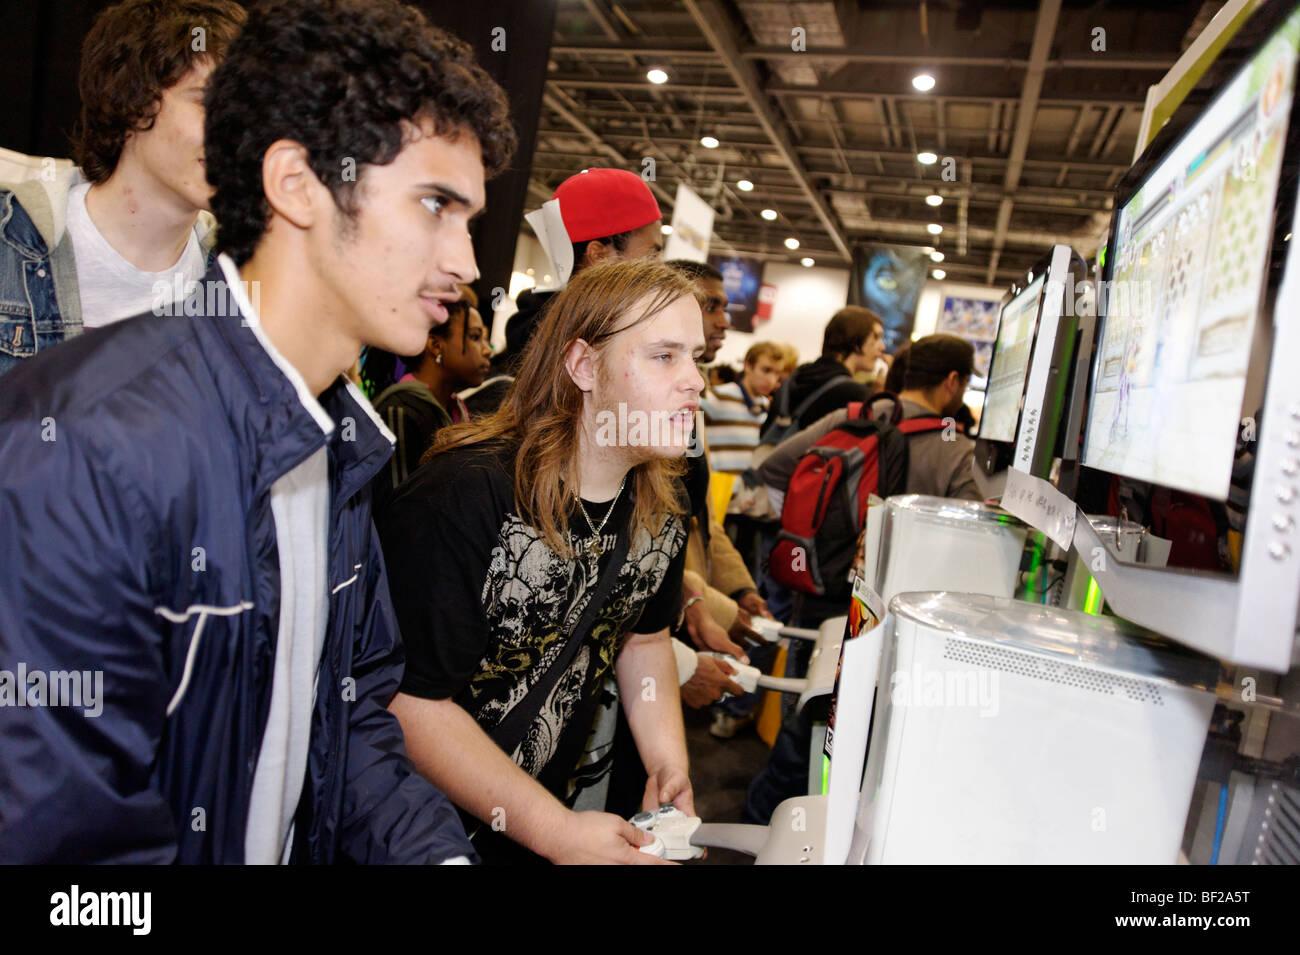 Ventilatori per giocare con i videogiochi al London MCM expo. La Gran Bretagna 2009. Immagini Stock